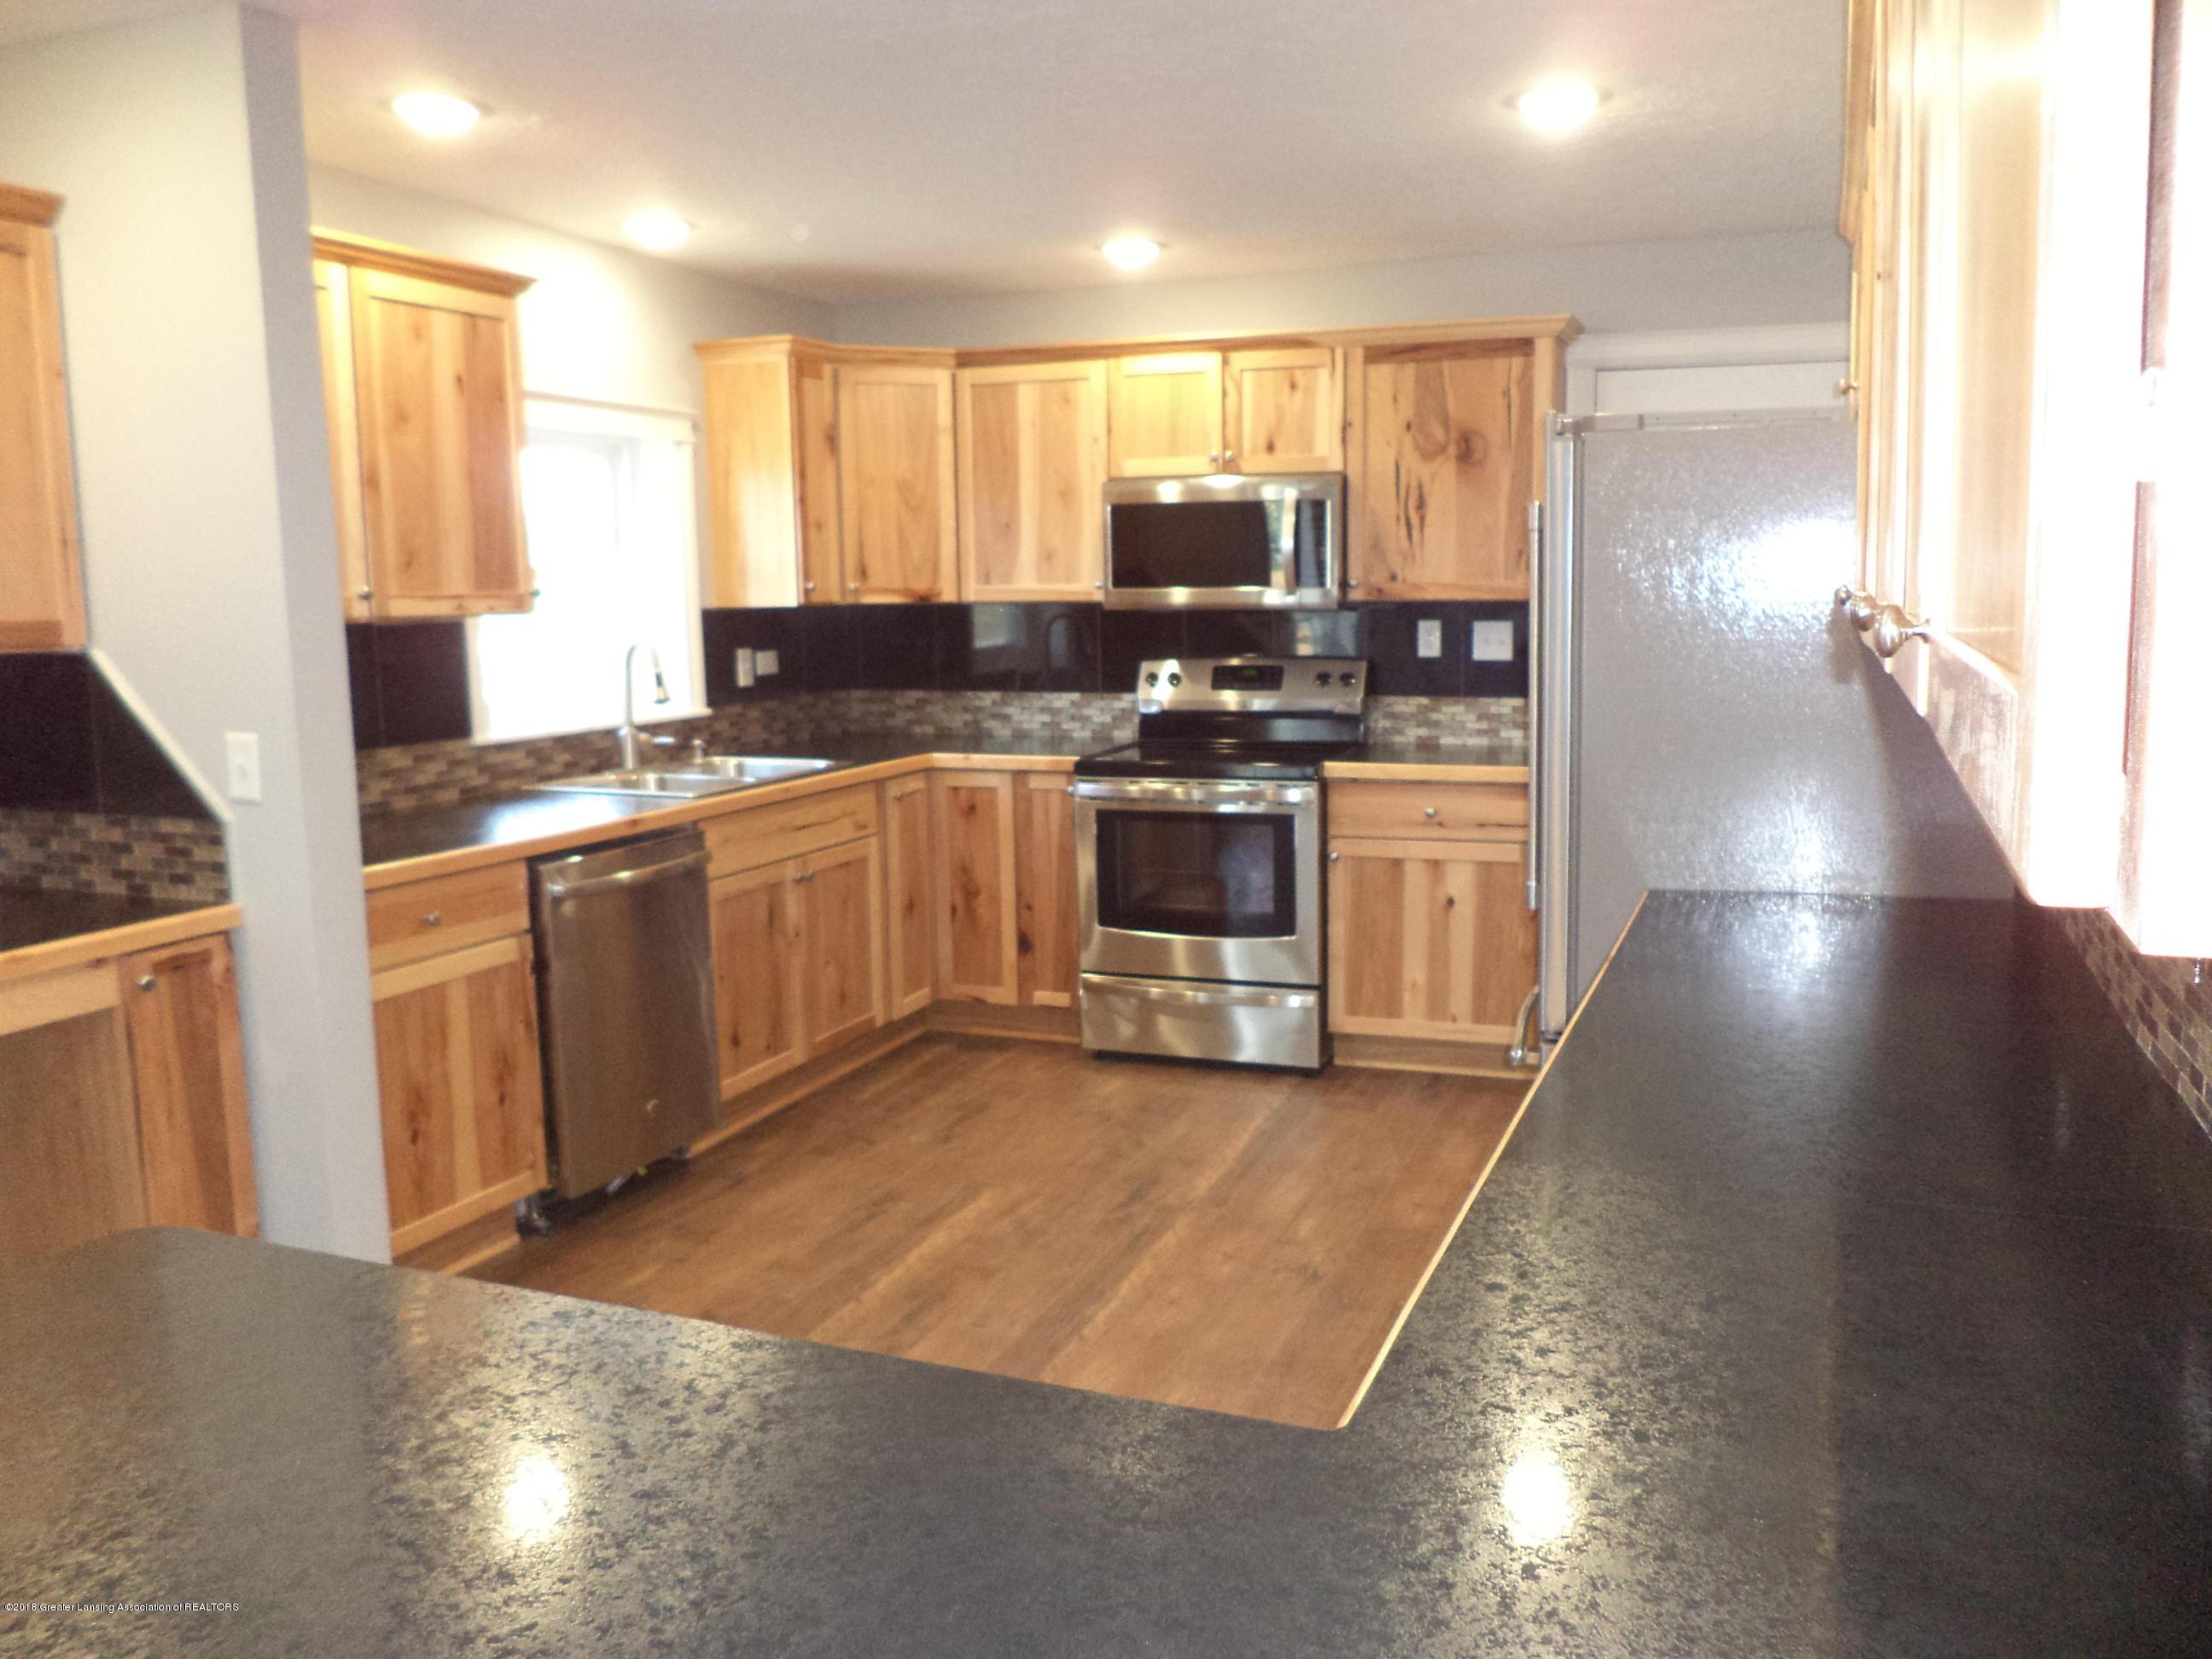 3200 S Dewitt Rd - Kitchen 4 - 8